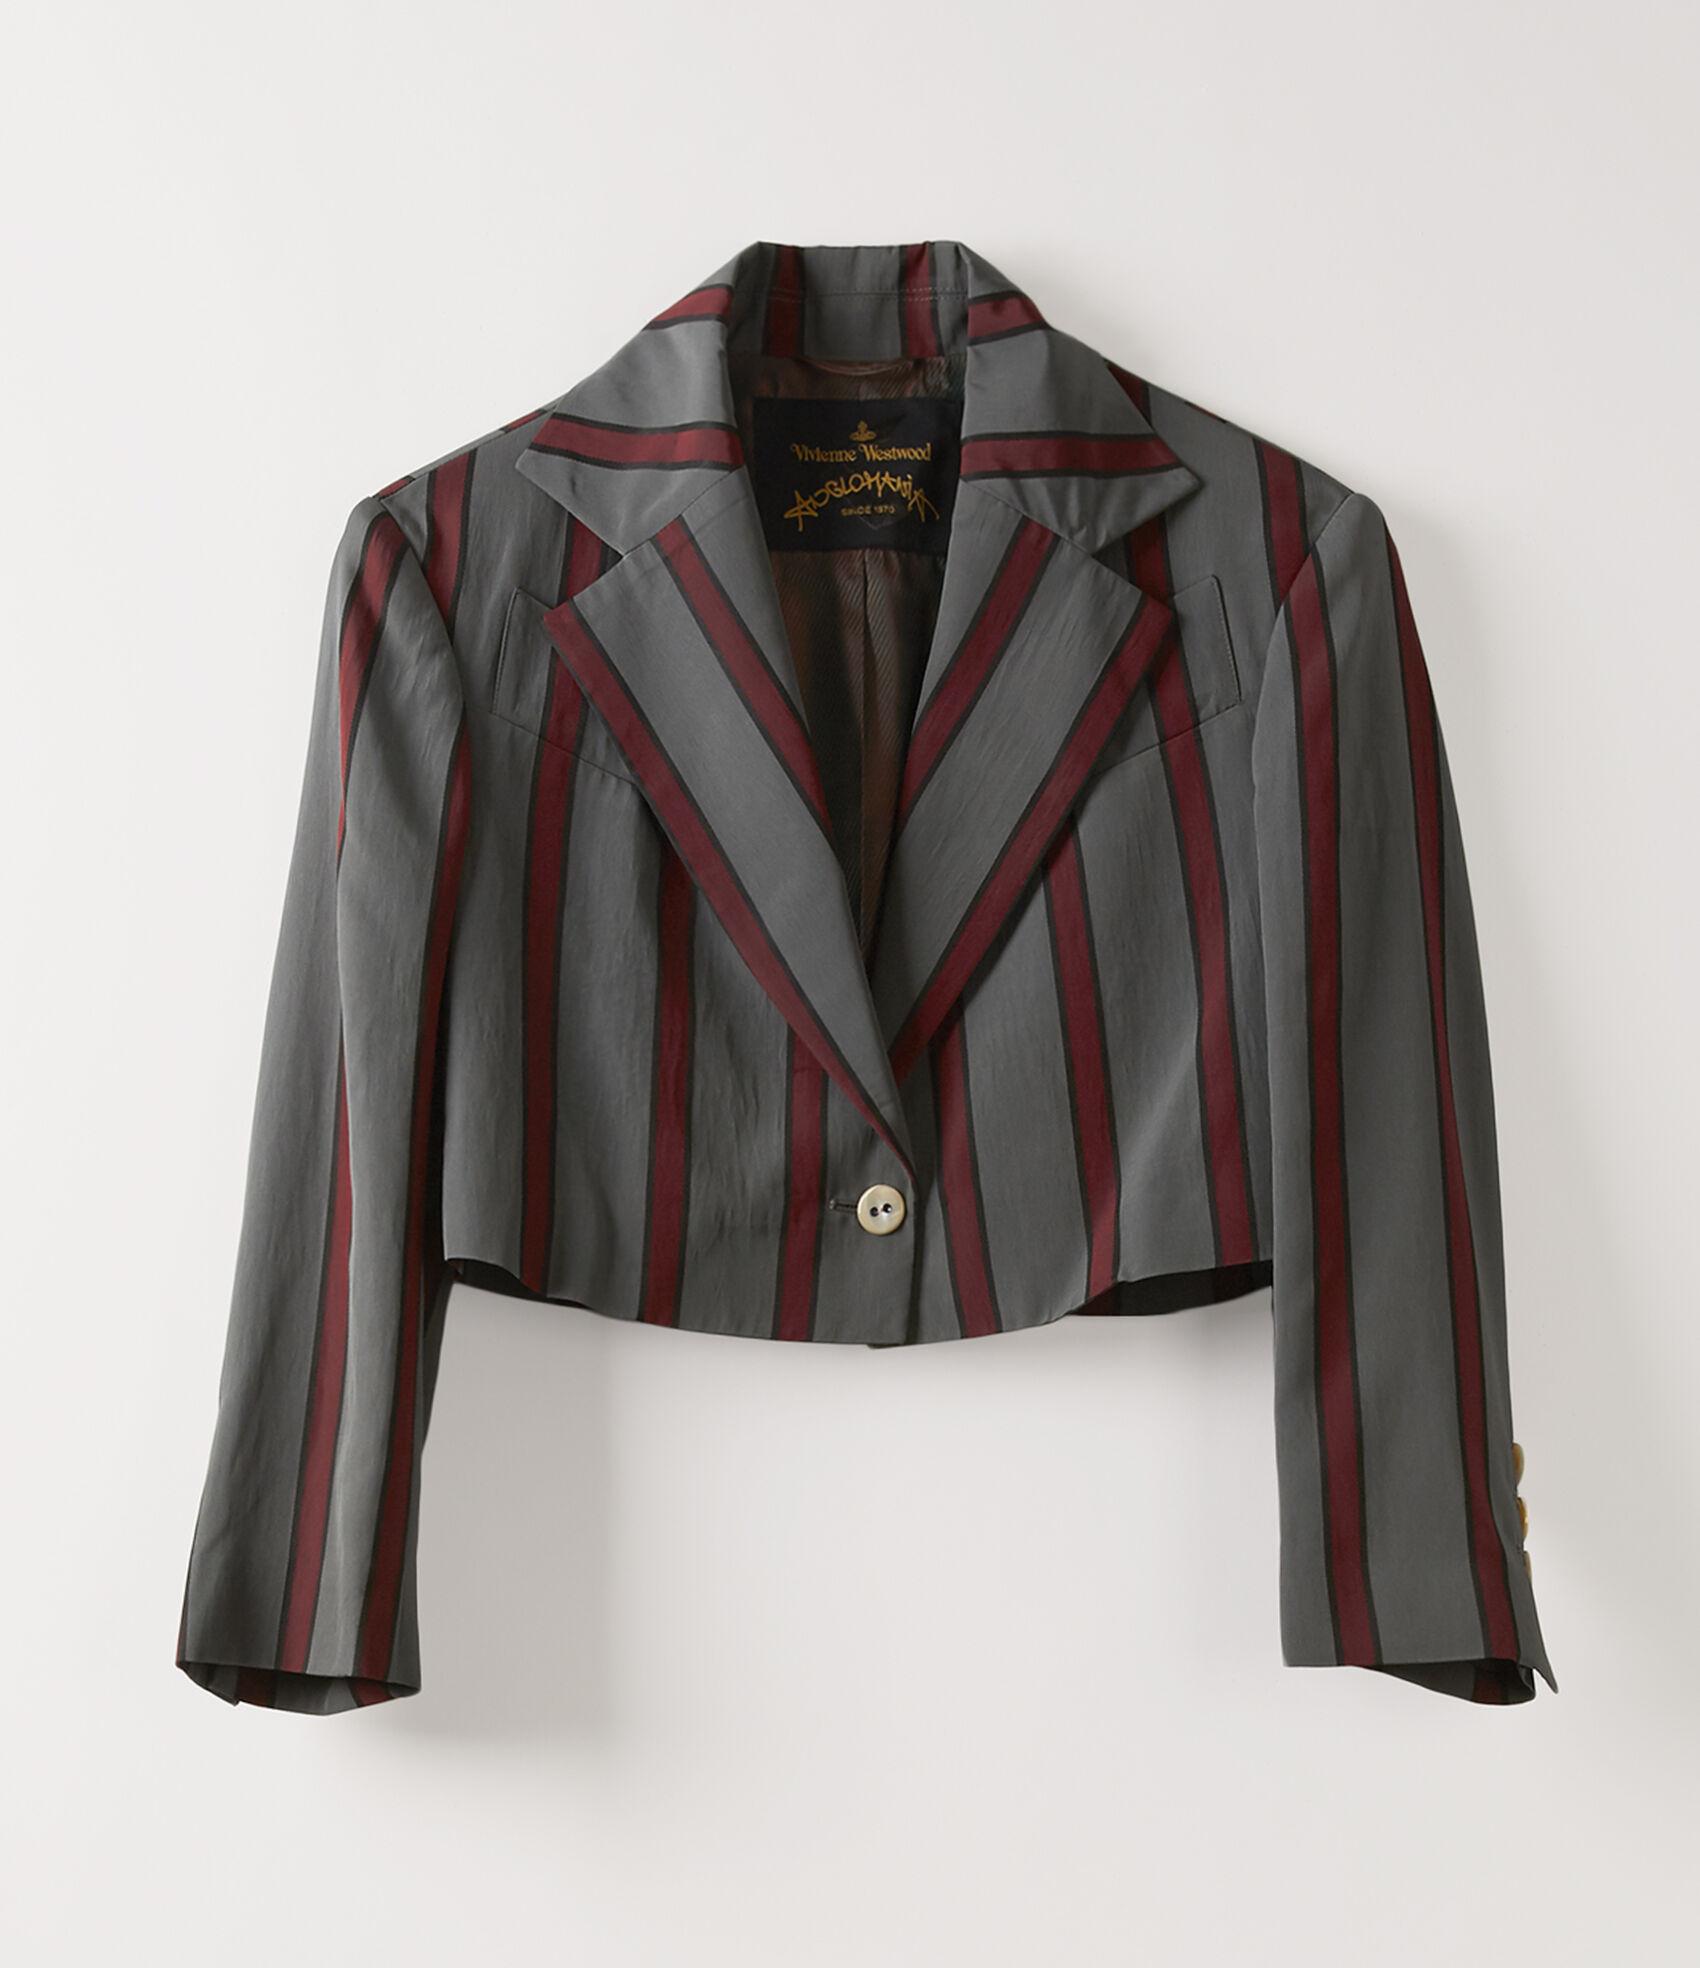 Vivienne Westwood Women s Designer Jackets   Coats  ec96a27519